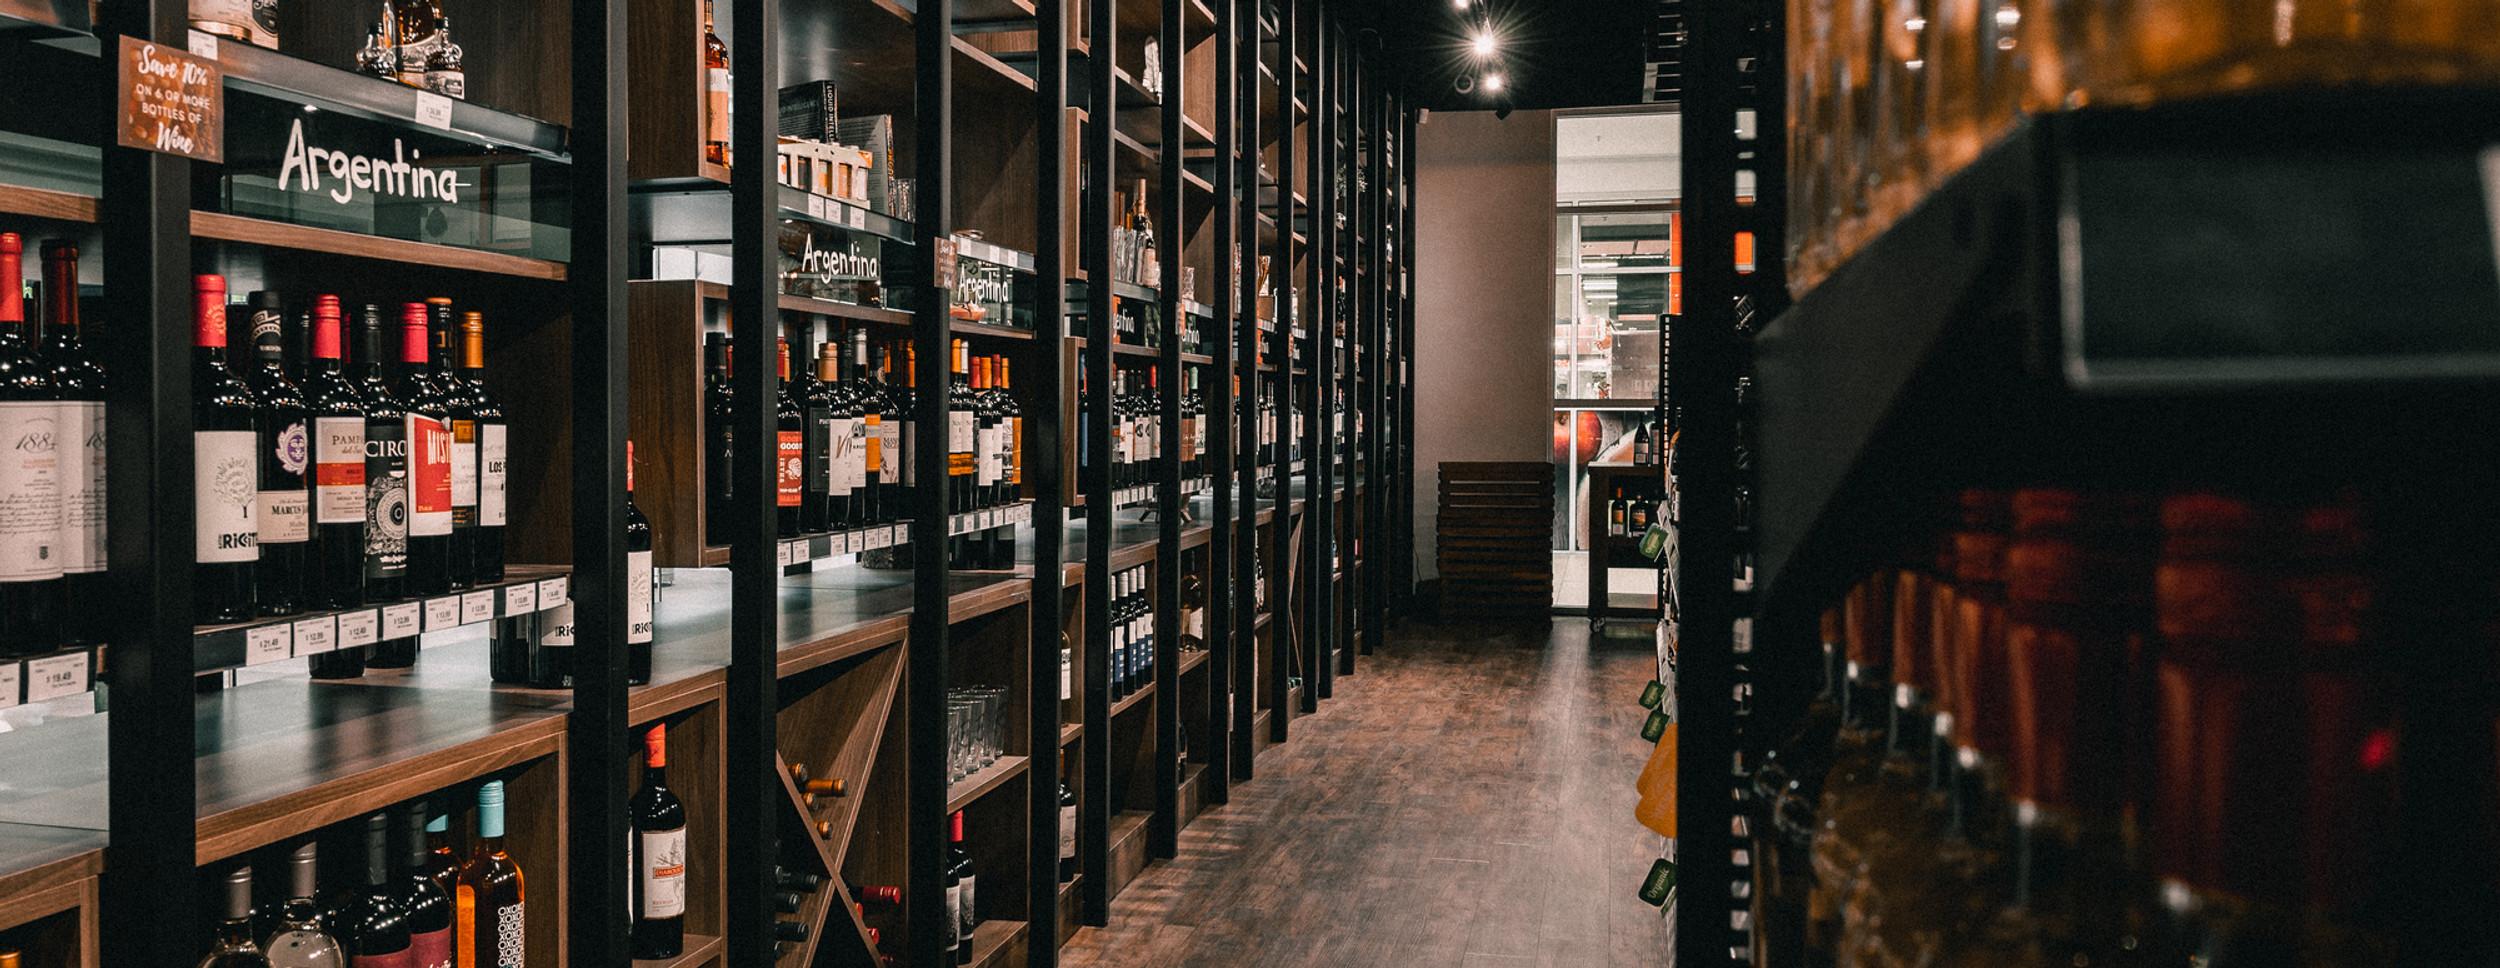 distilledliquor_instore_1.jpg